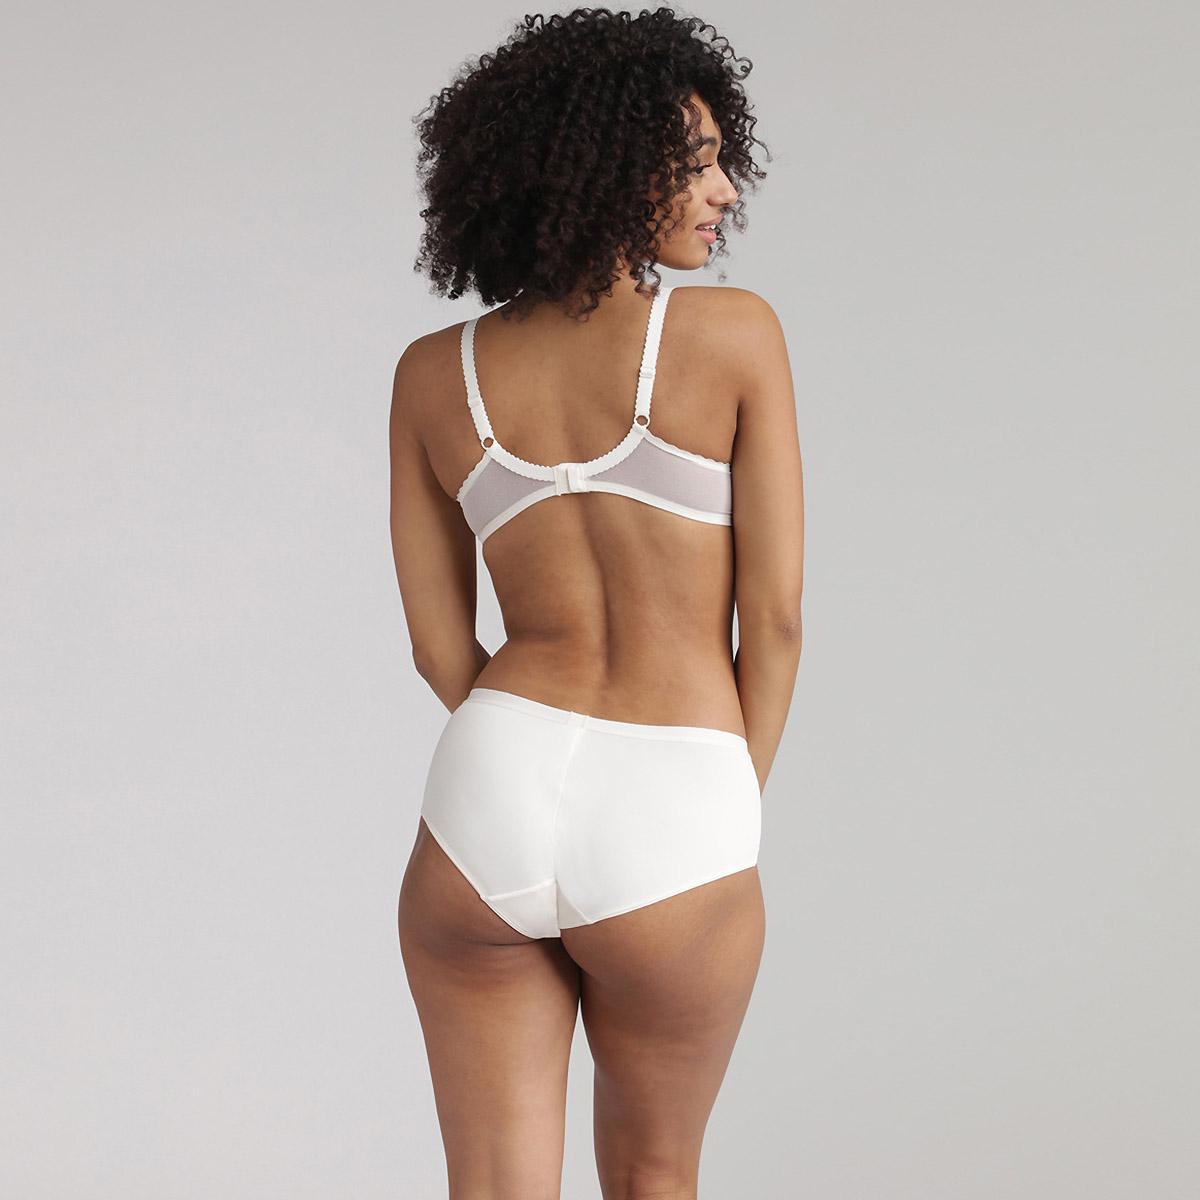 Padded bra in antique white - Secret Comfort, , PLAYTEX